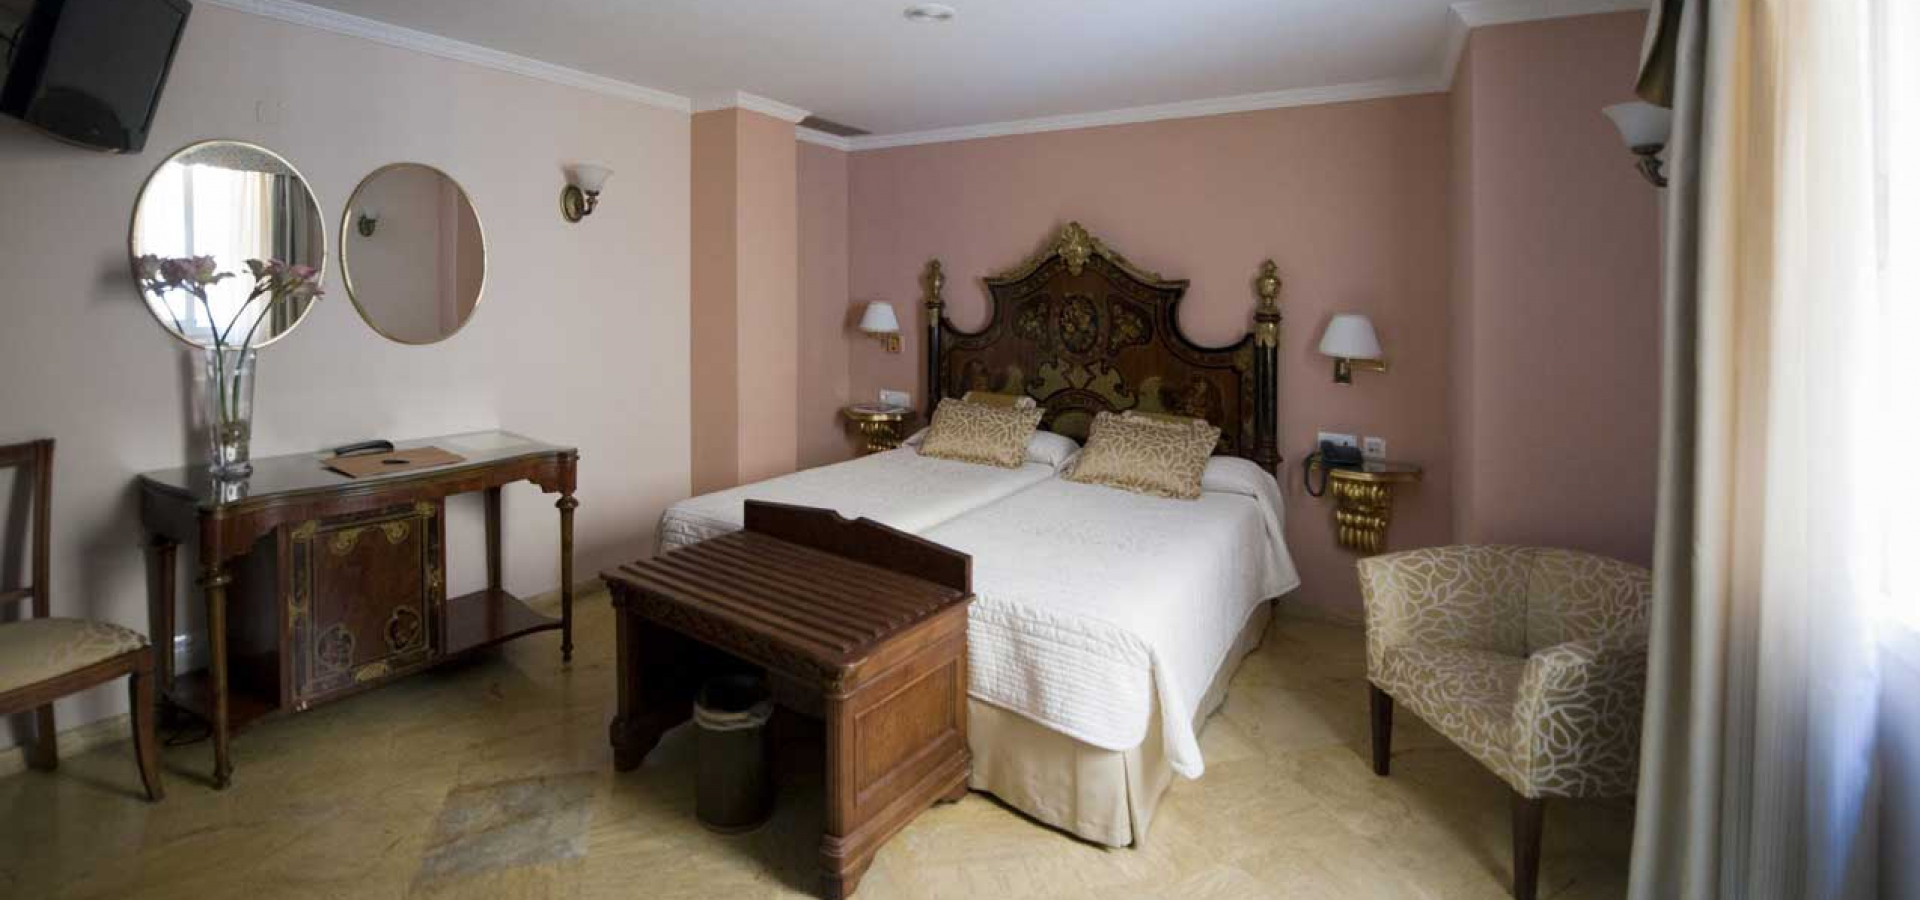 Отели в центре Севильи